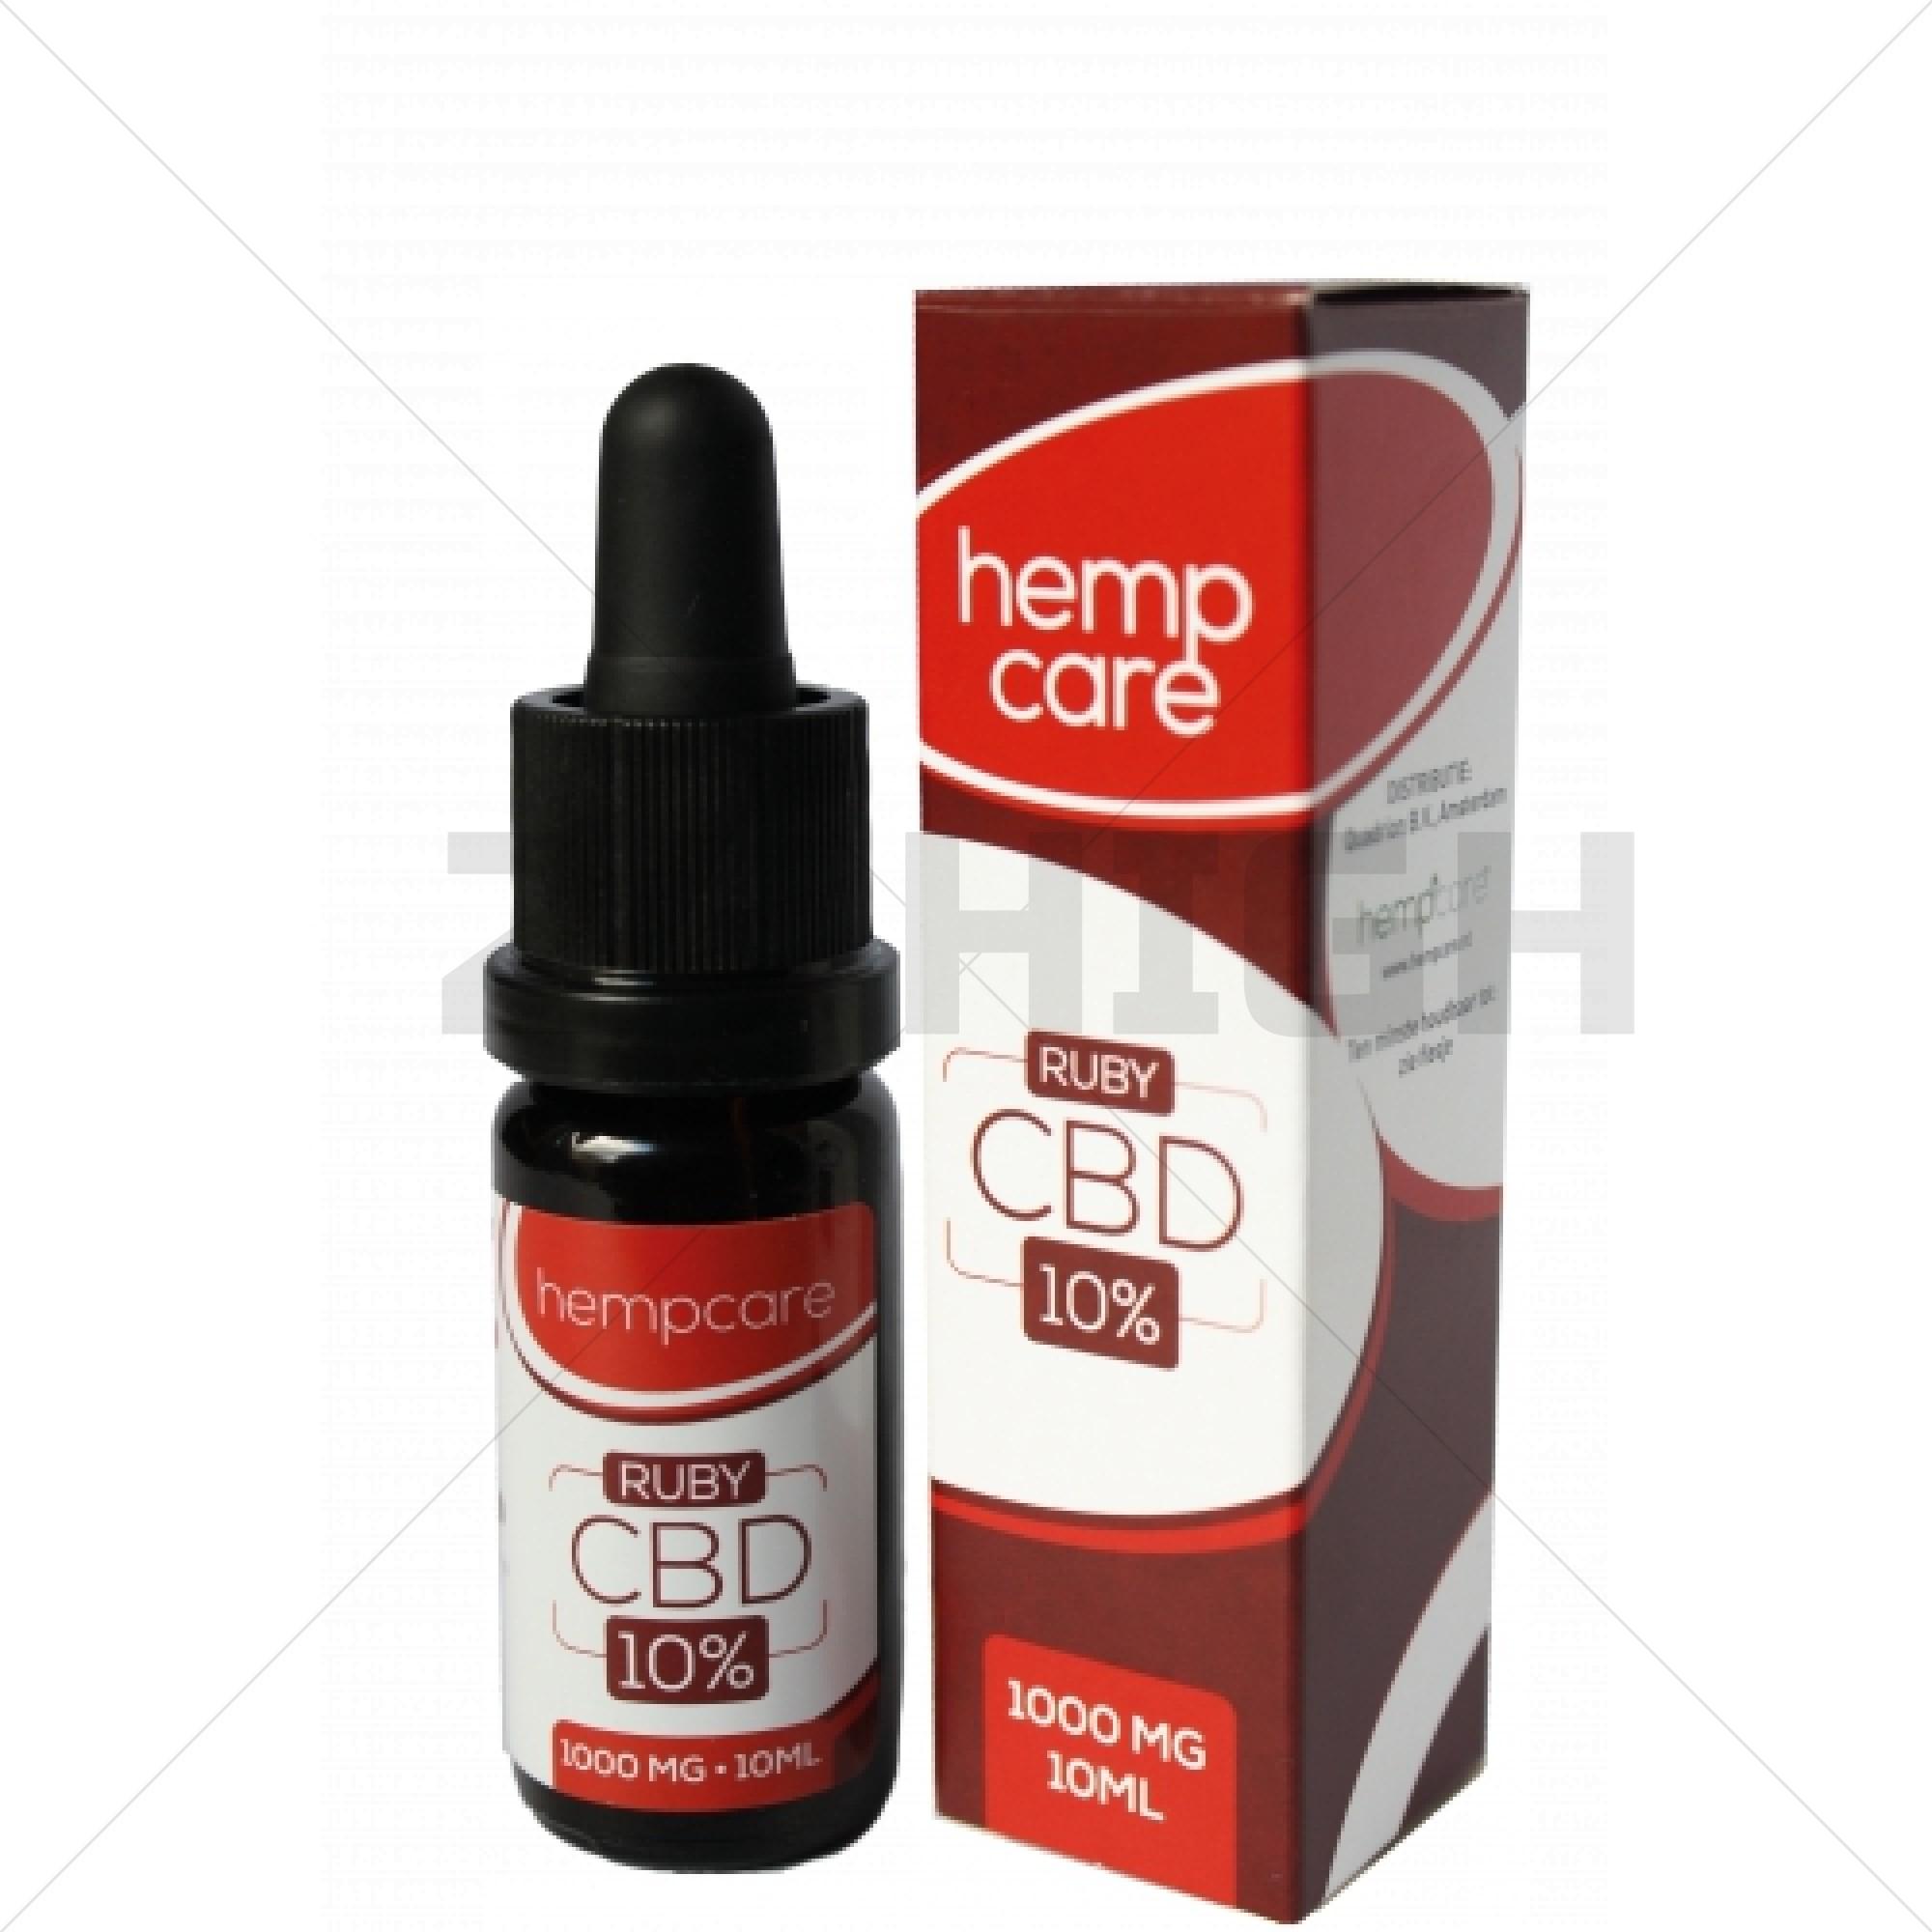 HempCare RUBY 10% CBD